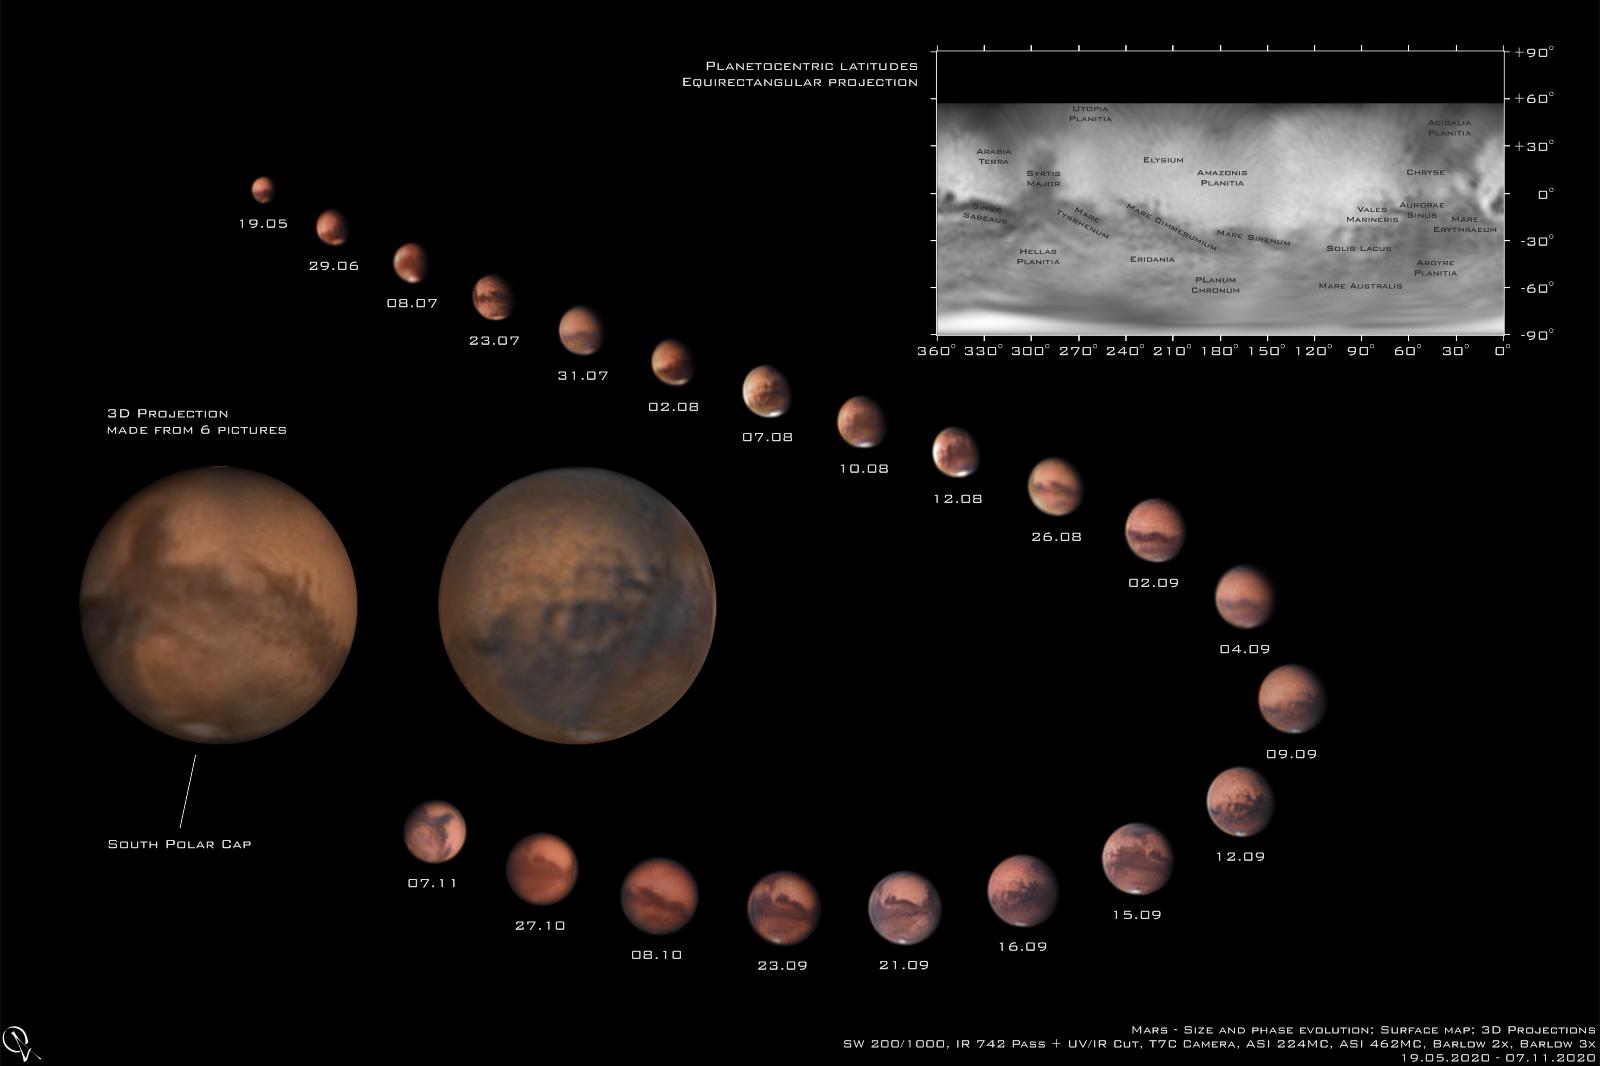 Mars.png.339168174f1fa1044e6c8173c7cdaa44.png